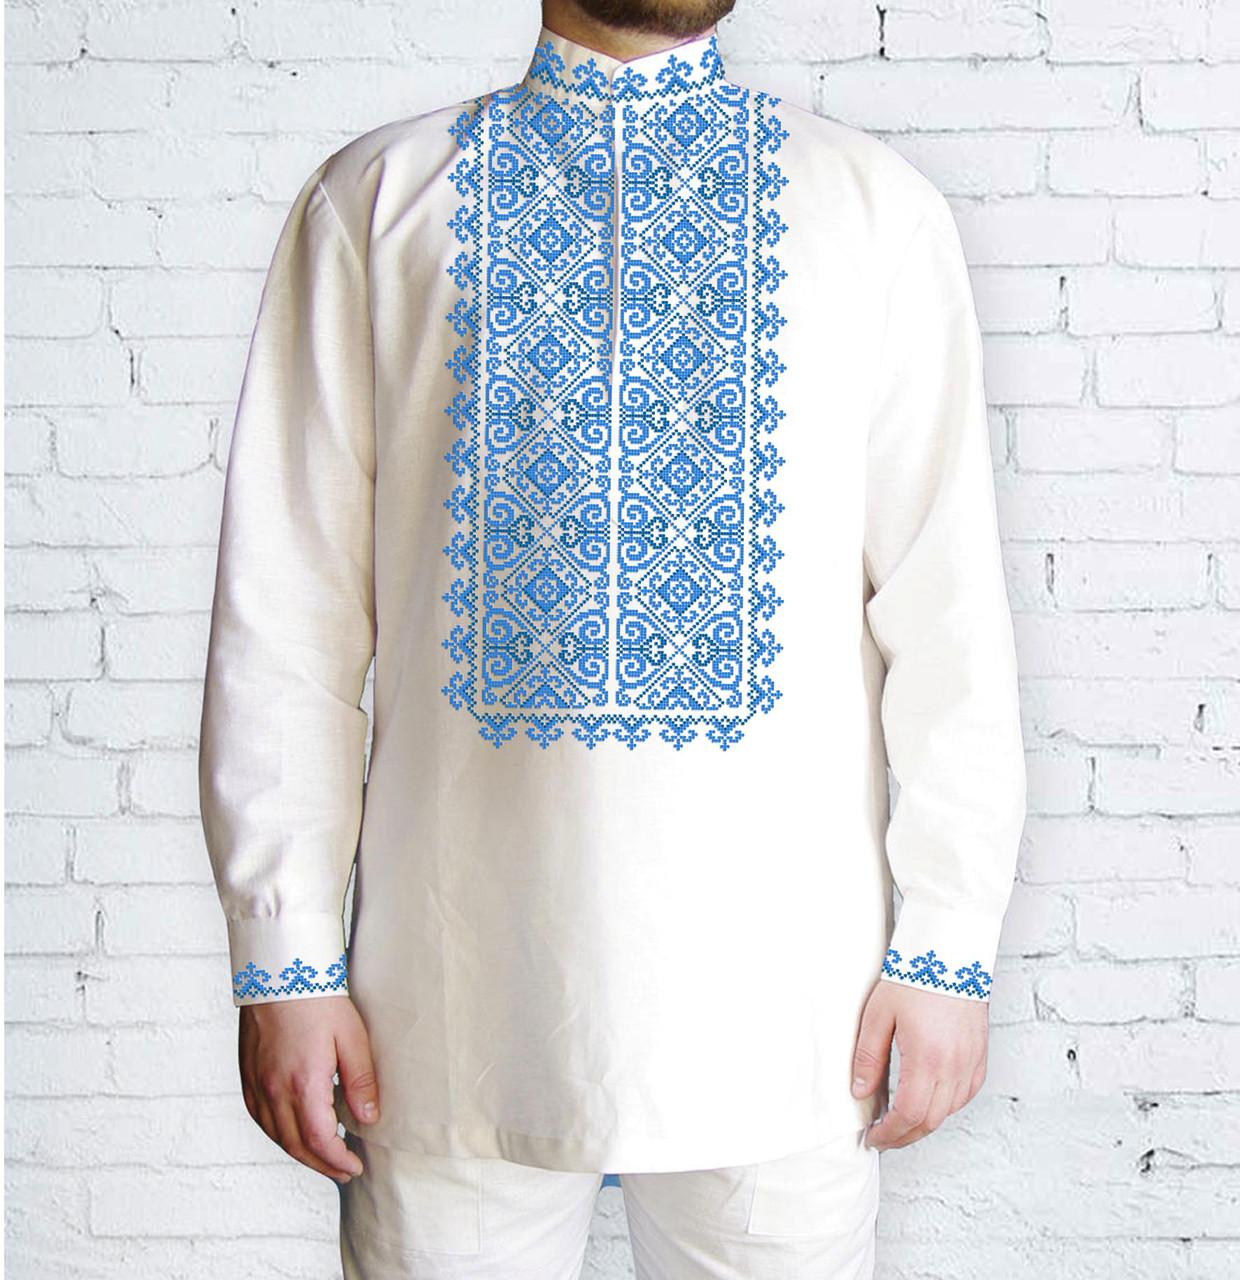 Заготовка чоловічої сорочки та вишиванки для вишивки чи вишивання бісером Бисерок «551 Голуба» (ЧЧ-551-Г)